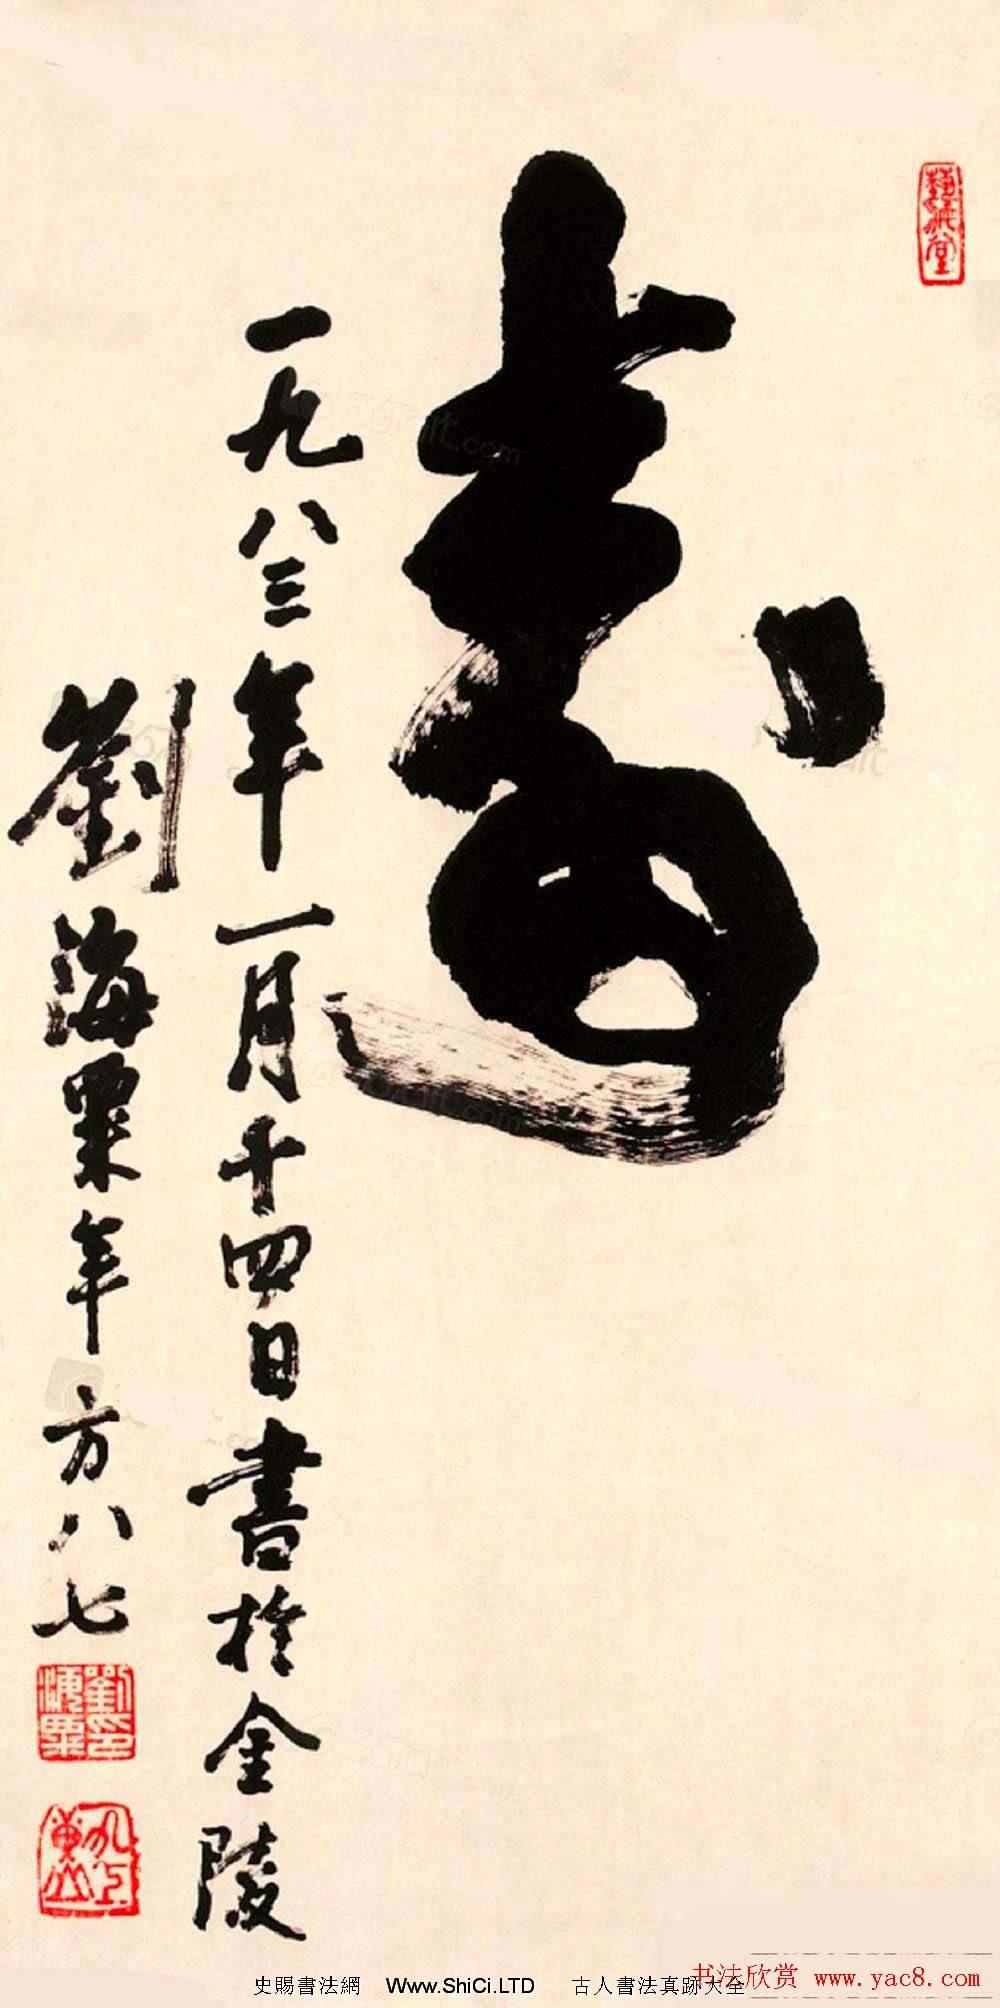 壽字書法作品欣賞劉海粟書